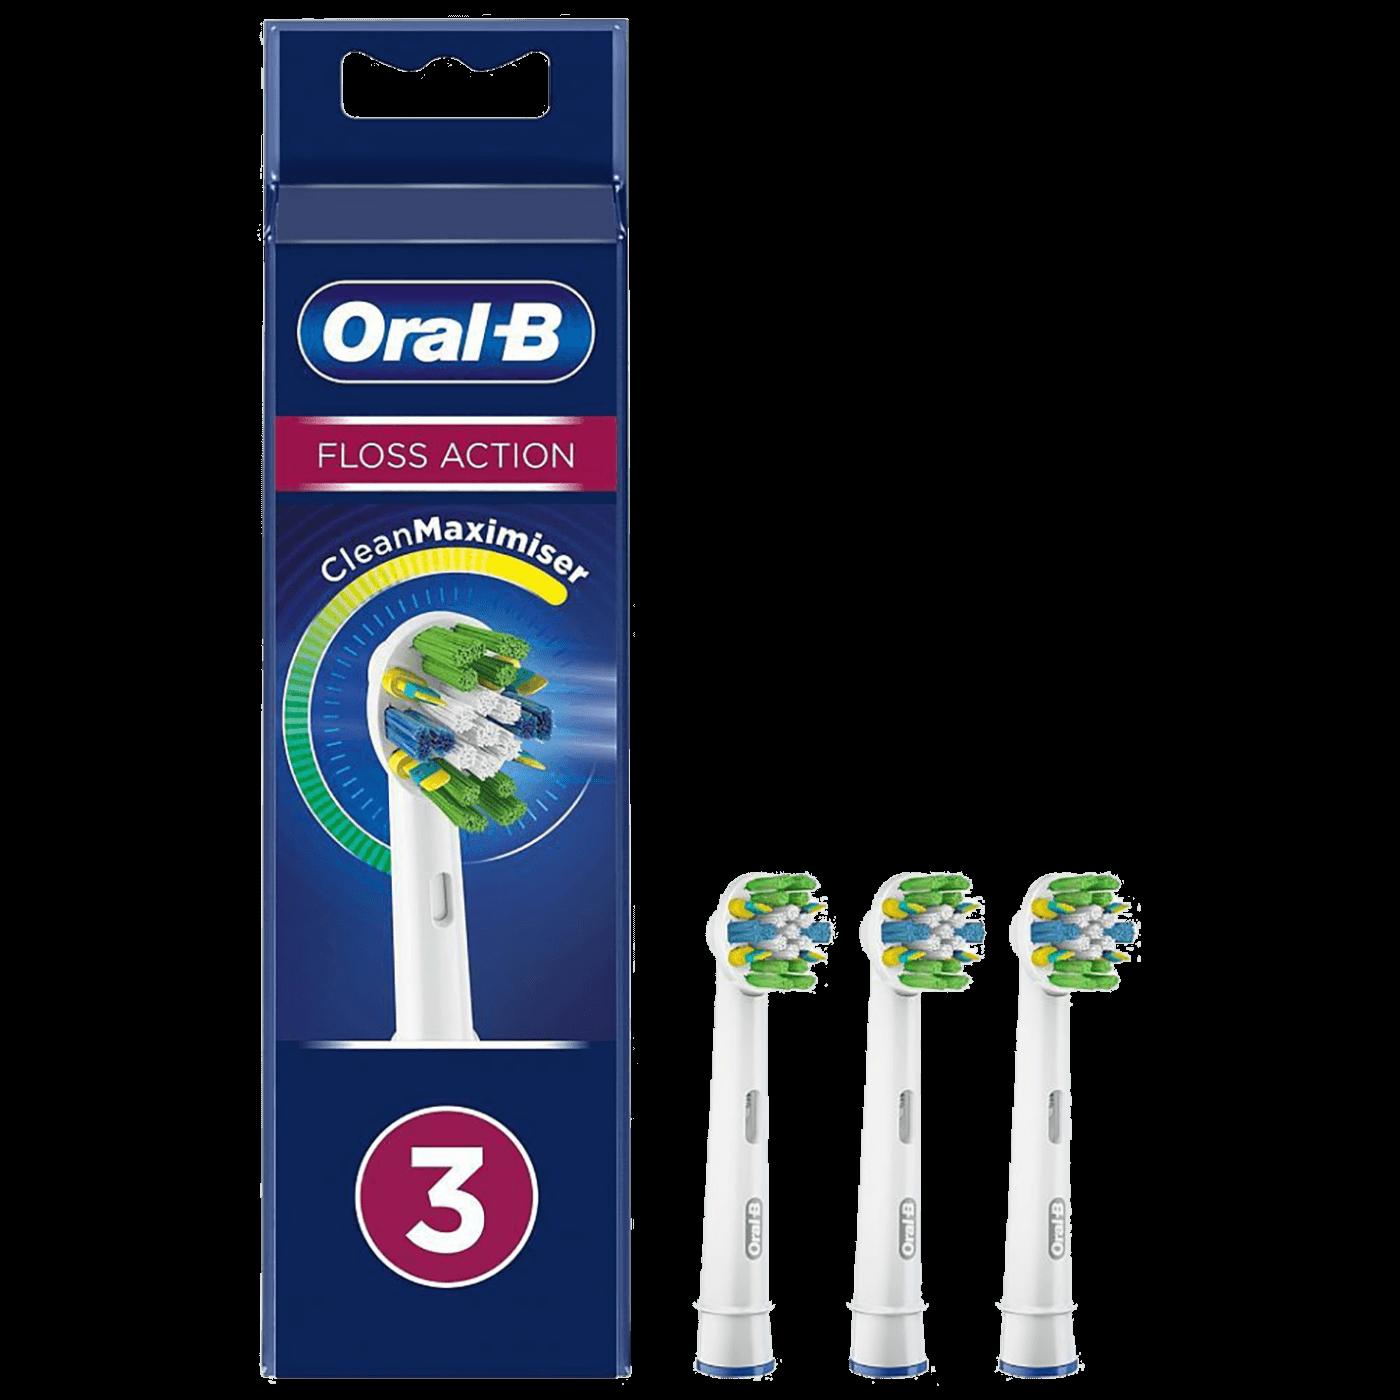 Nastavci za električnu četkicu za zube Oral-B, 3 kom